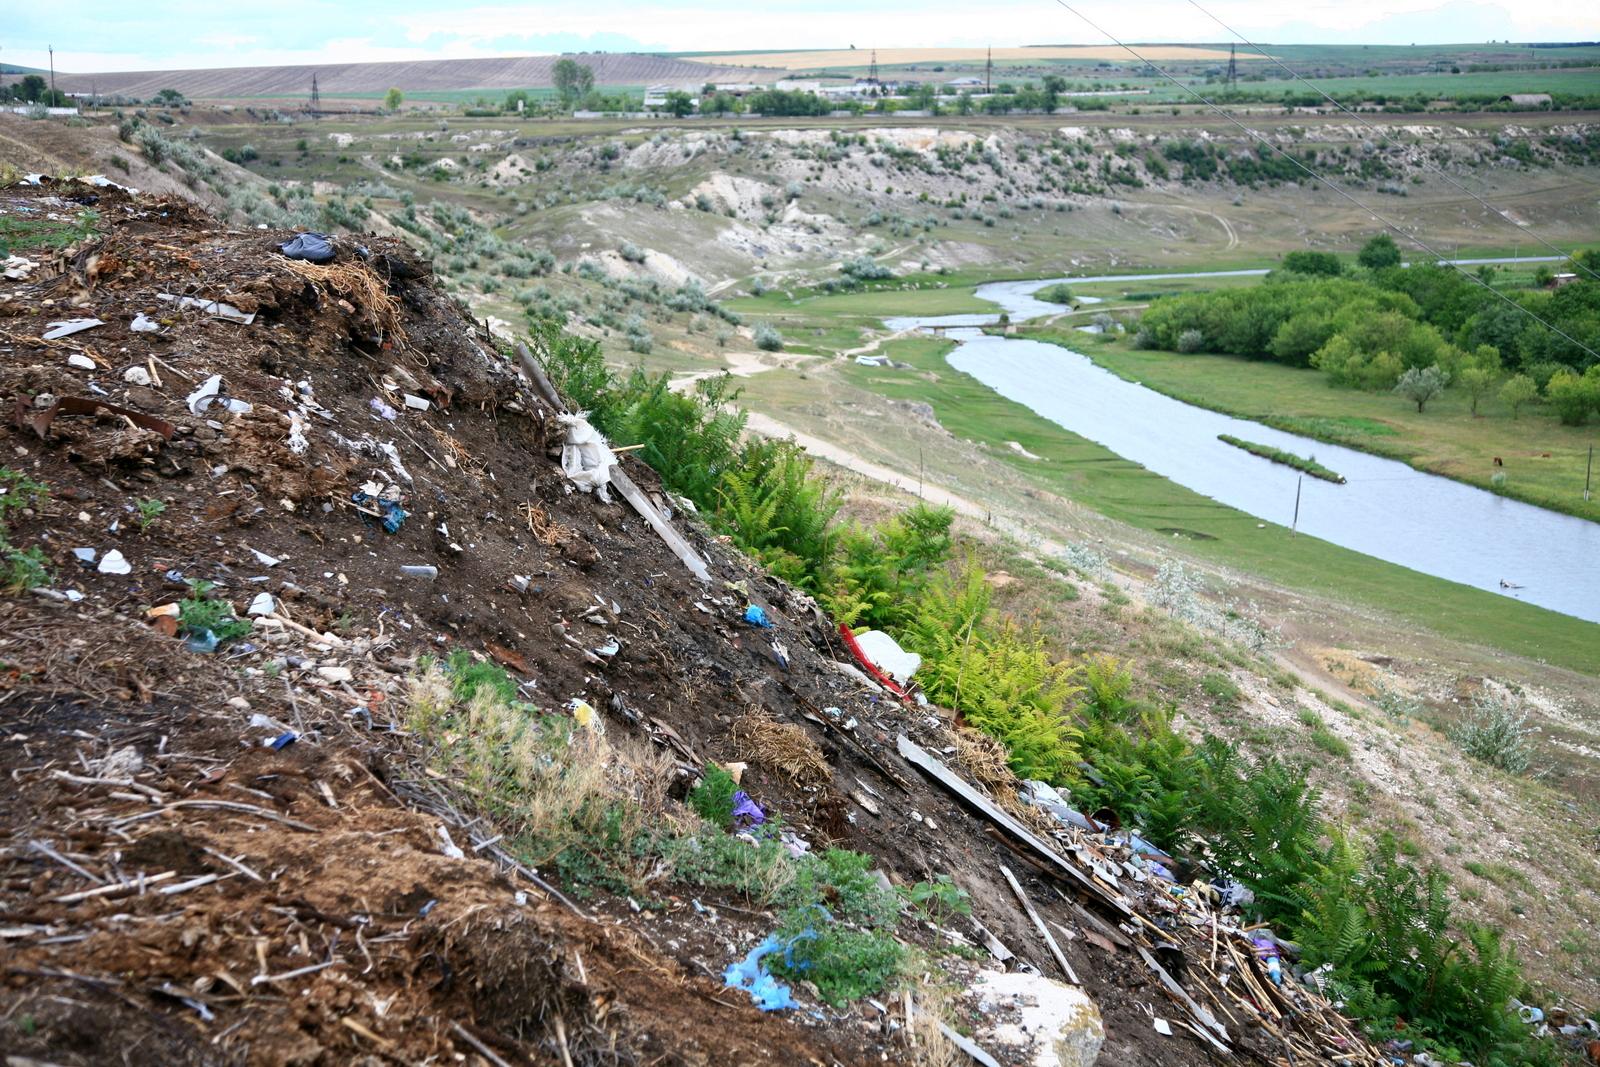 Gunoiște neutorizată în apripiere de râul Răut la Florești. Foto: Natura.md